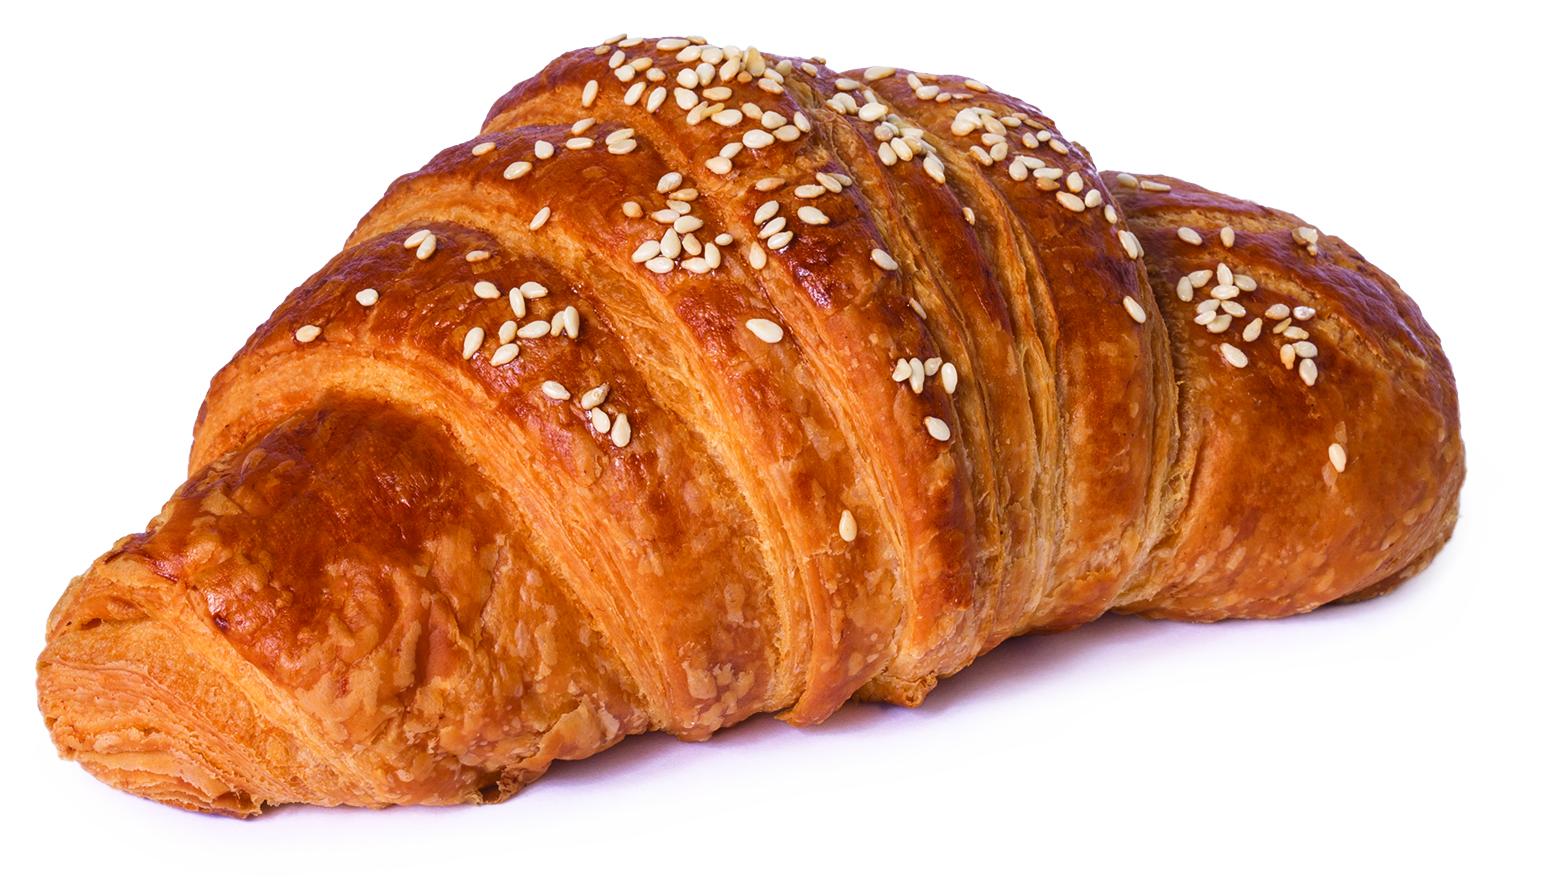 Lanche - Croissants Croissants - Frango e Requeijão